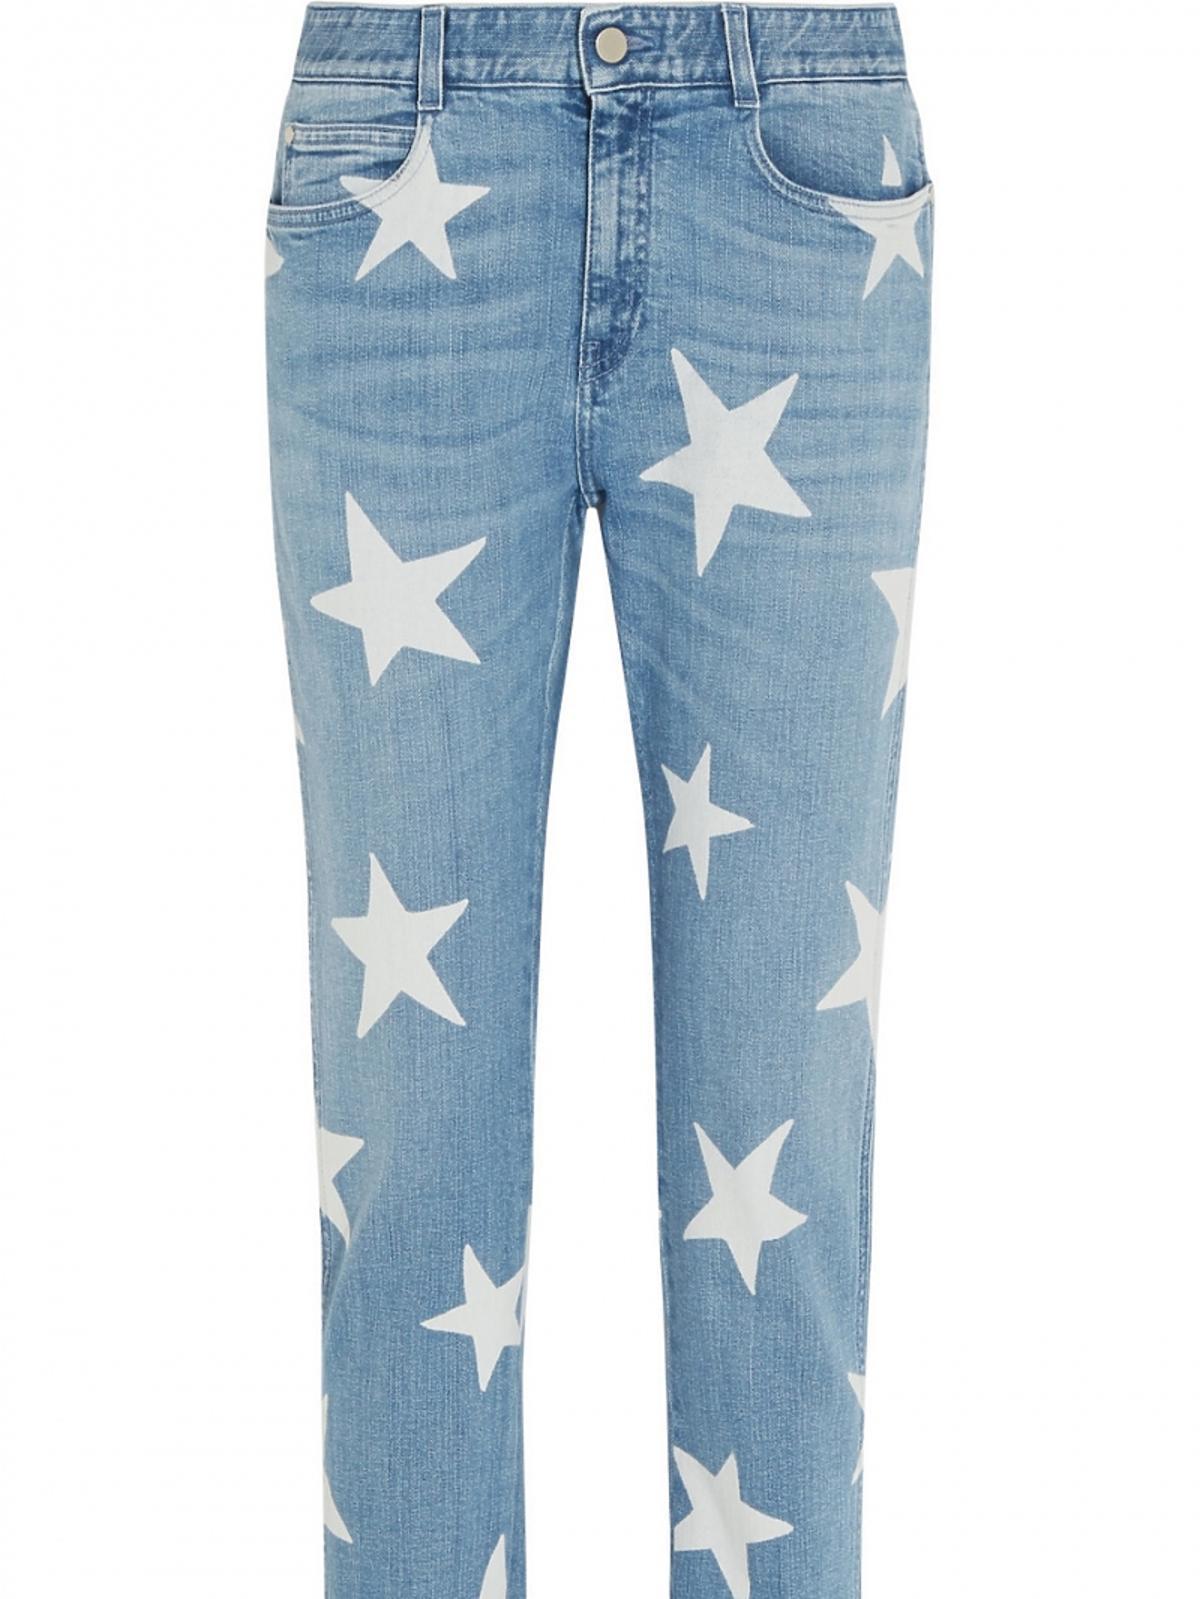 Spodnie dżinsowe w gwiazdki